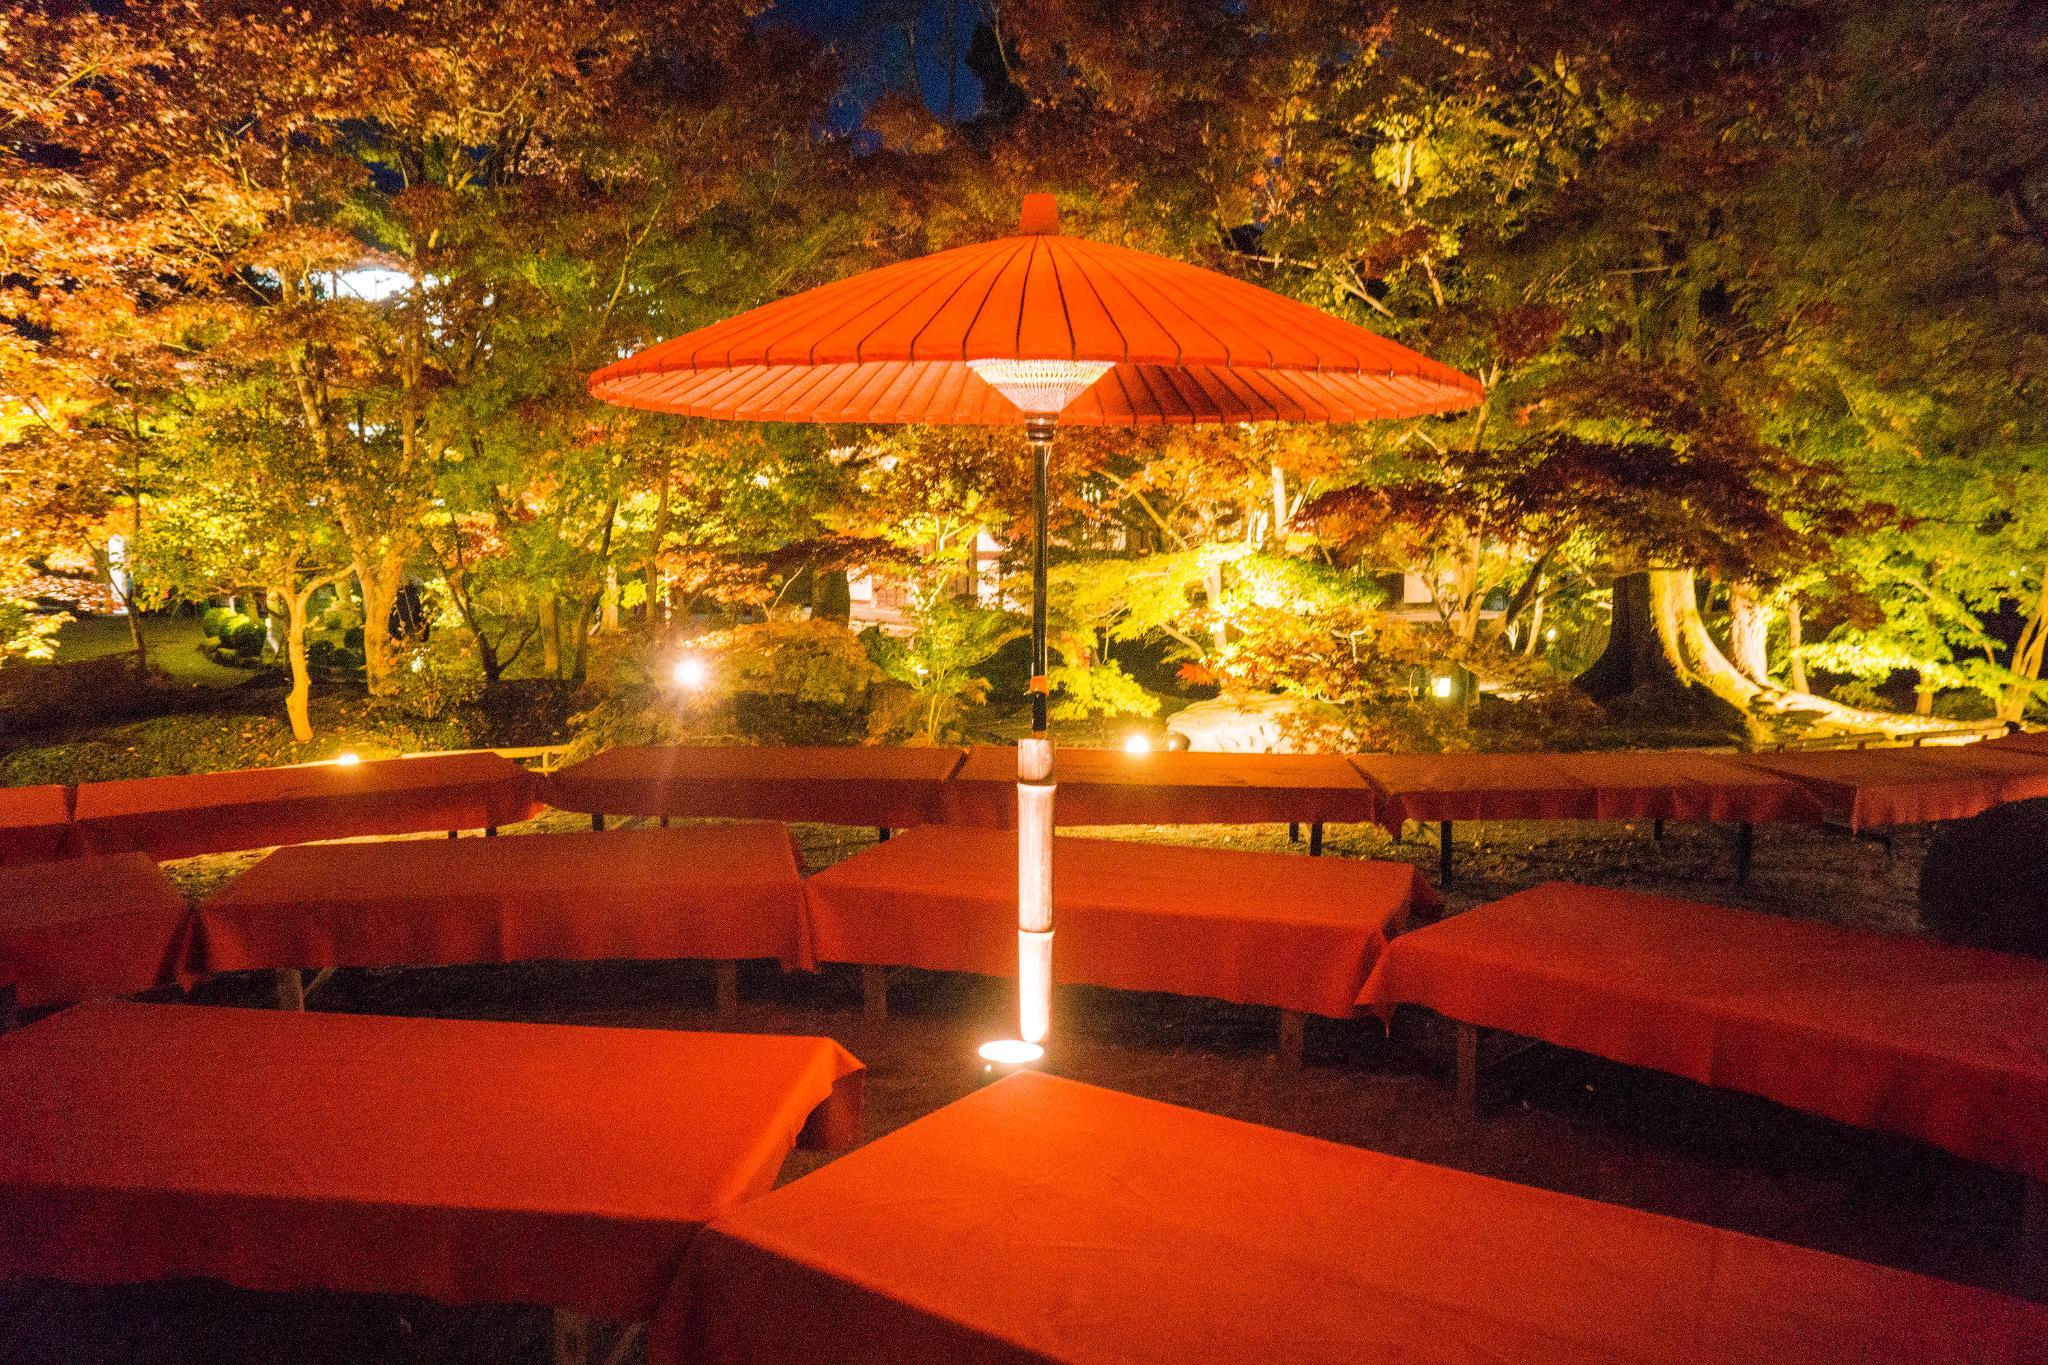 【京都】此生必來的紅葉狩絕景 - 永觀堂夜楓 117